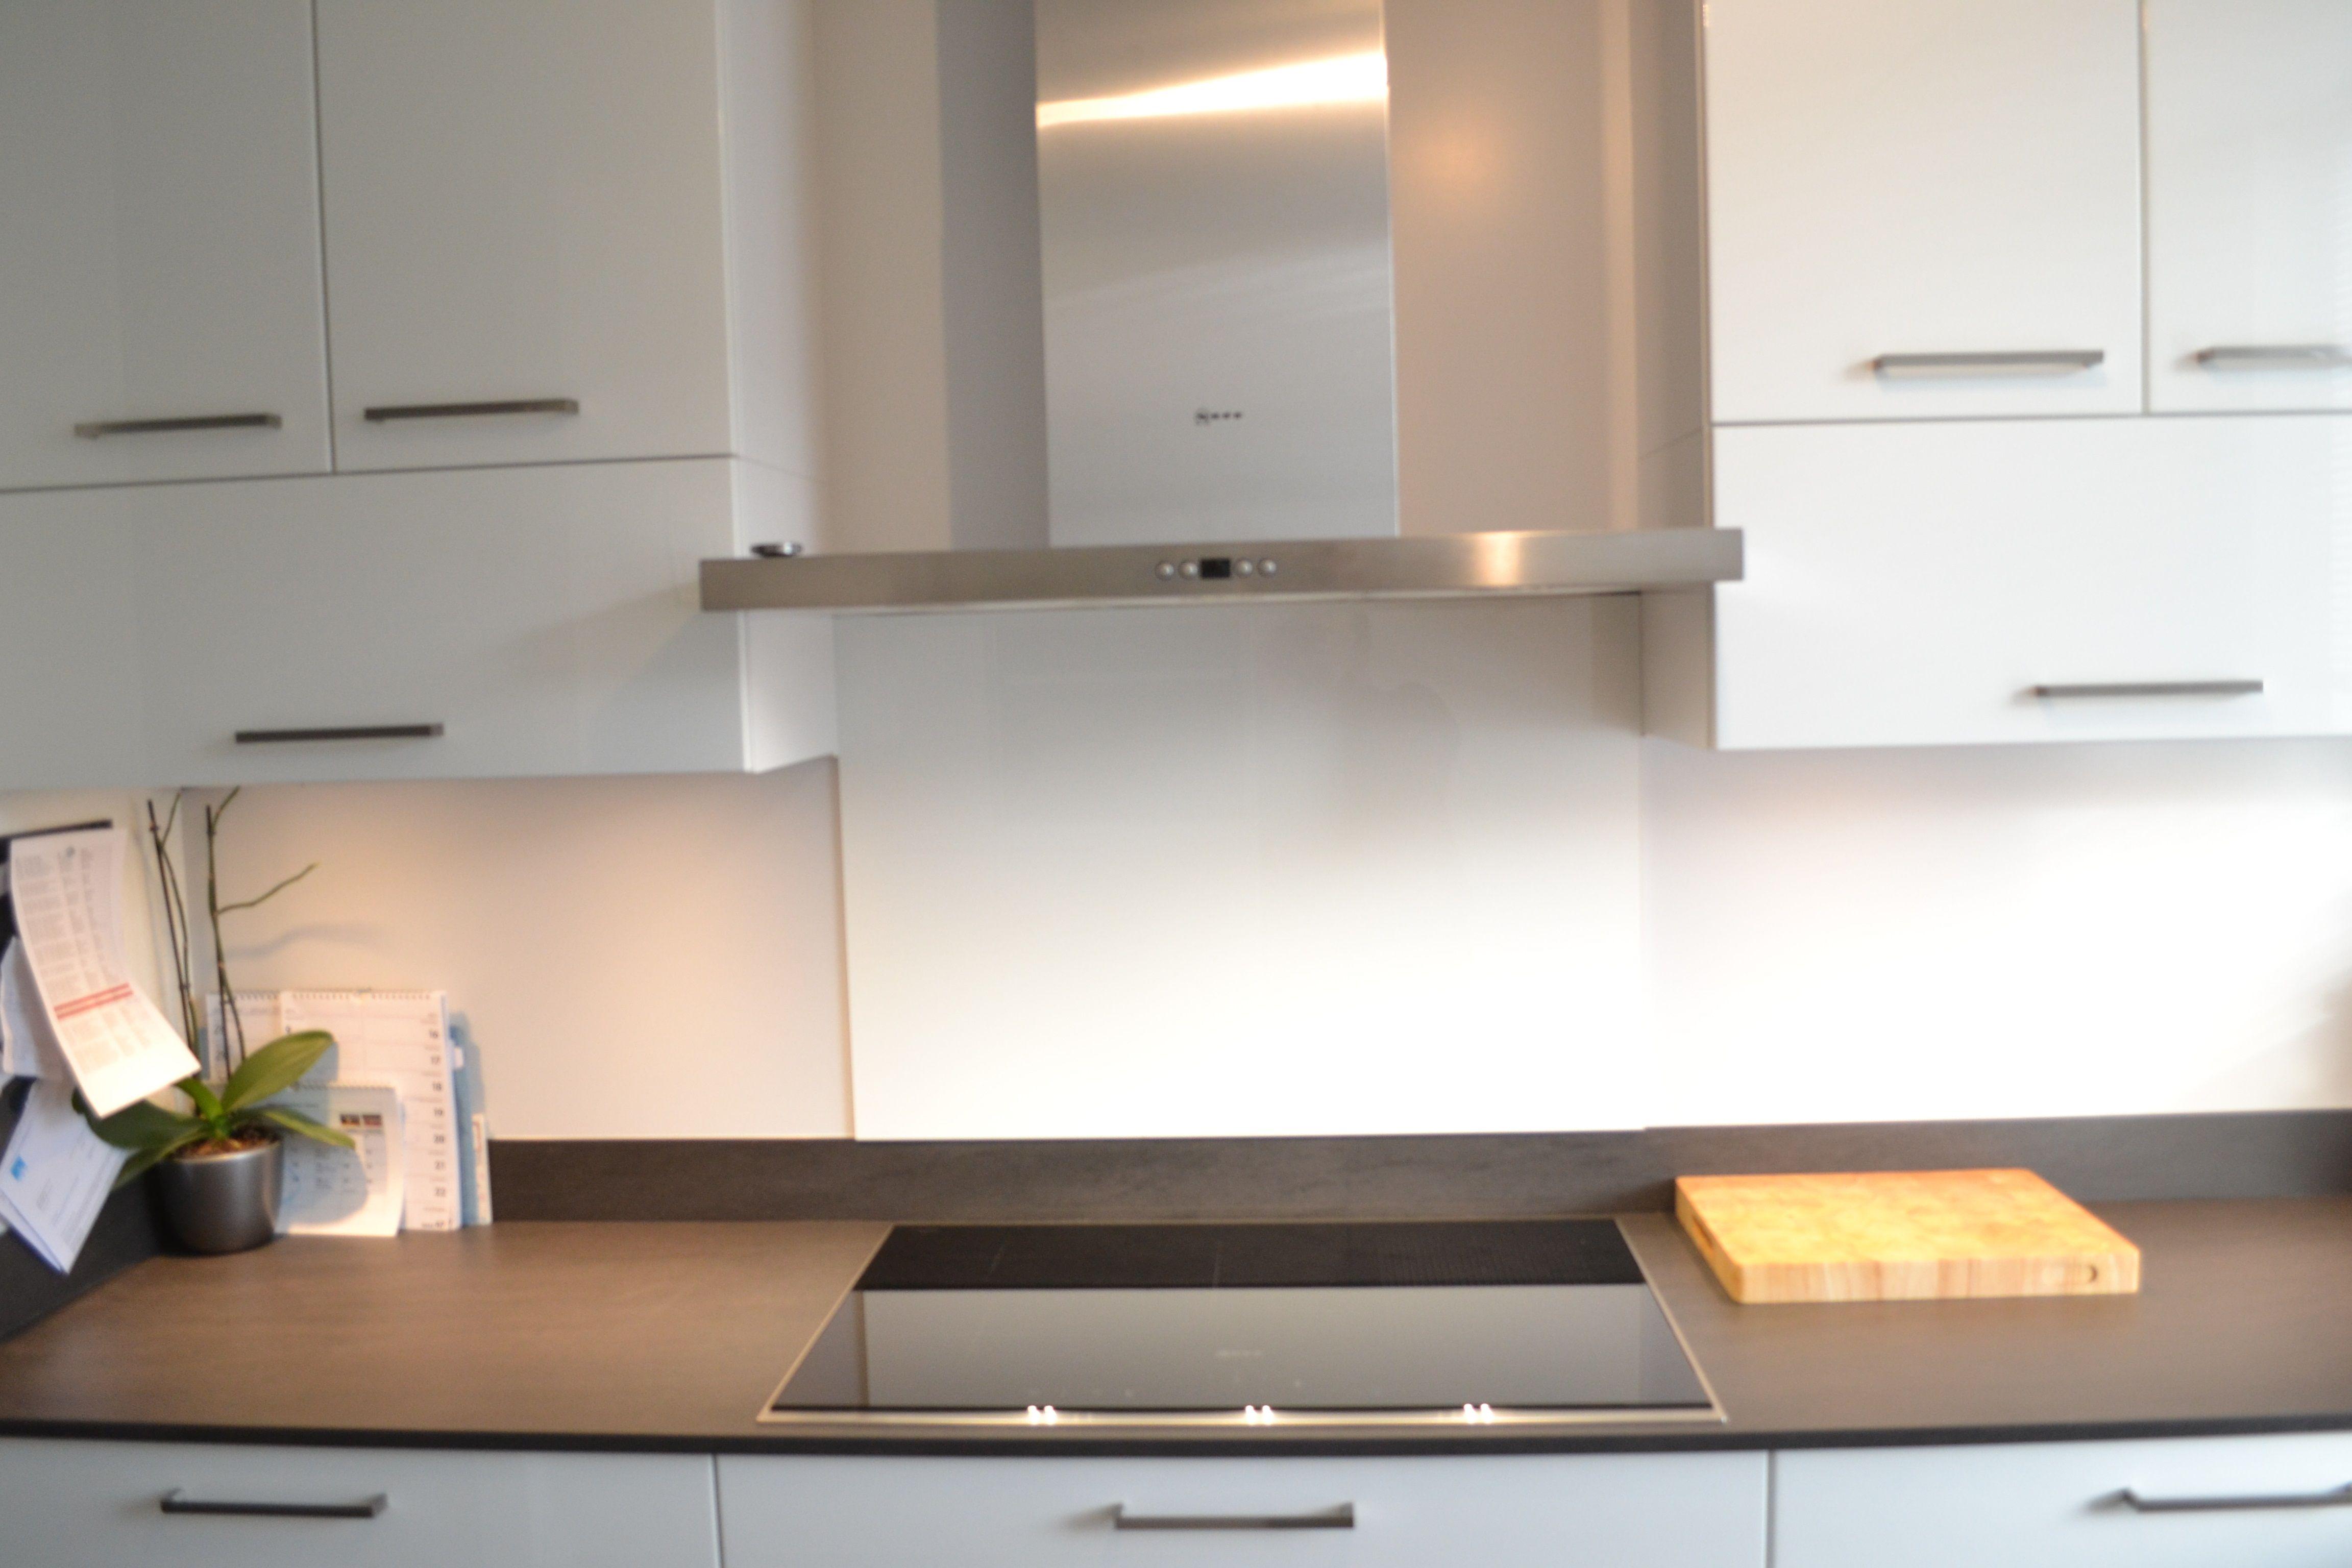 Strakke hoogglans keuken met mooie lijnen en dun werkblad